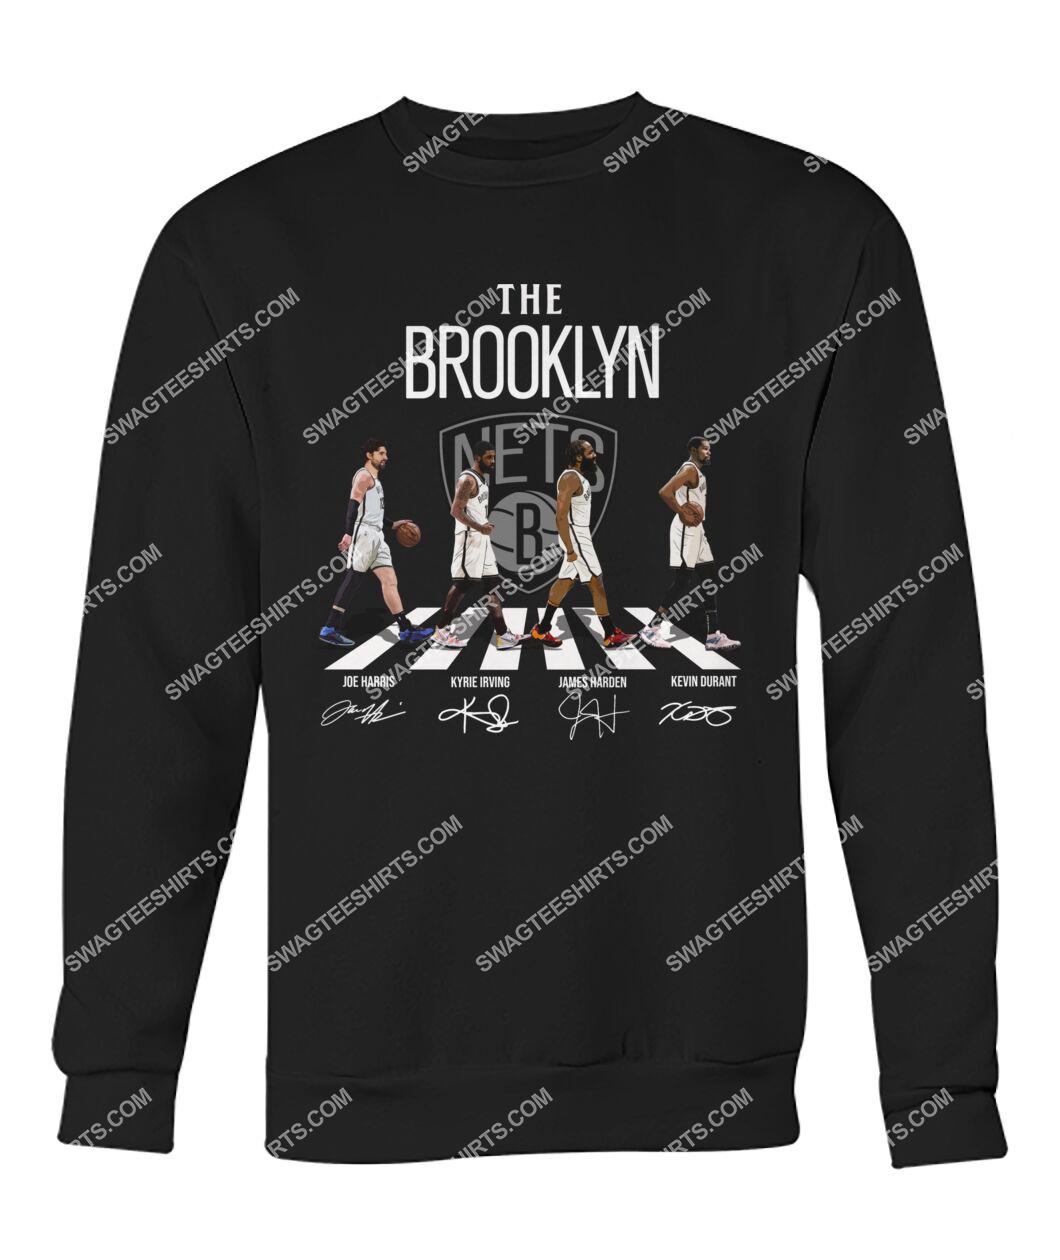 the brooklyn nets walking abbey road signatures sweatshirt 1